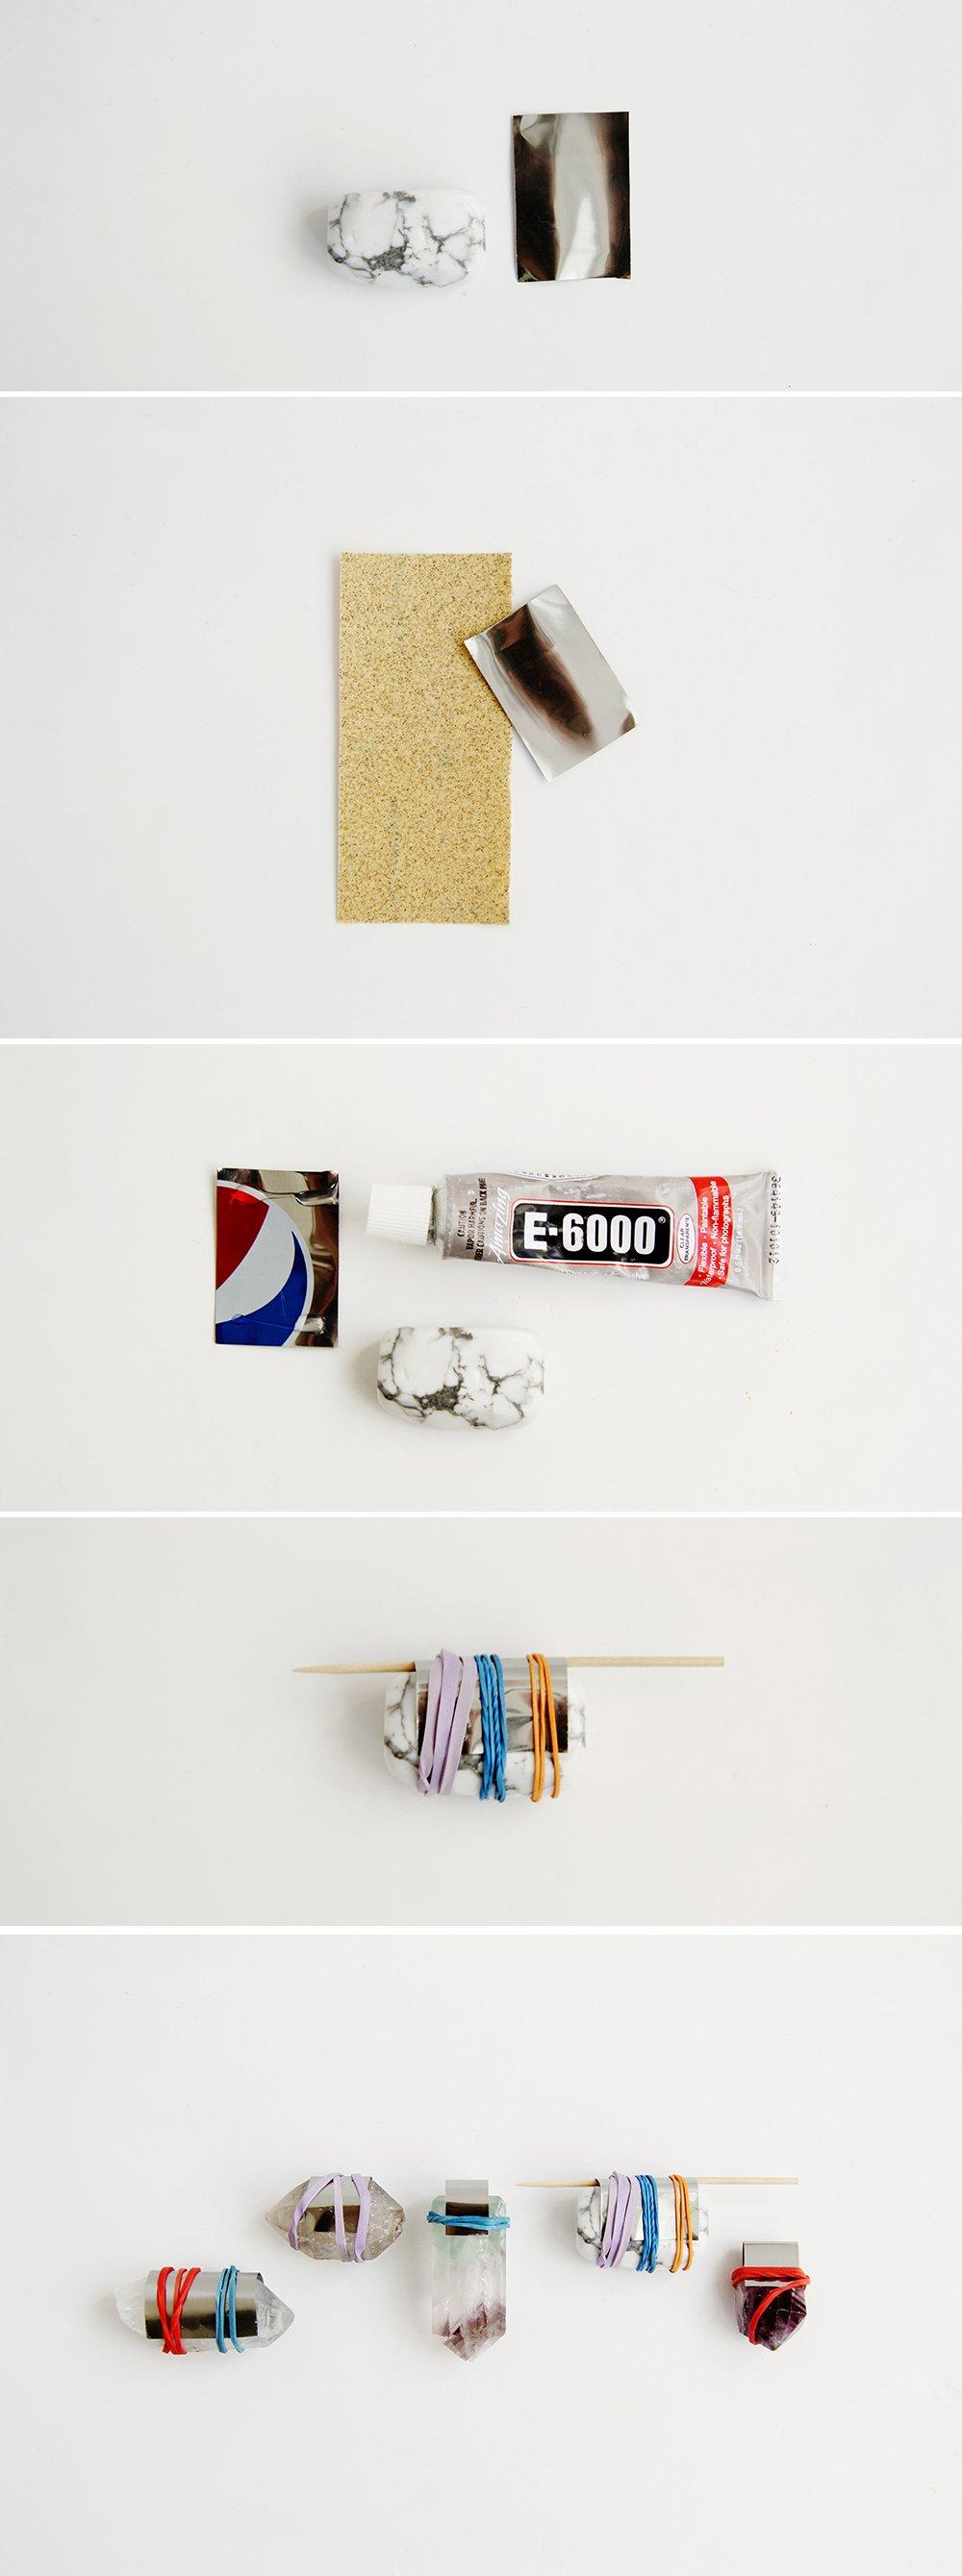 DIY Schmuckprojekte - Edelstein Anhänger basteln